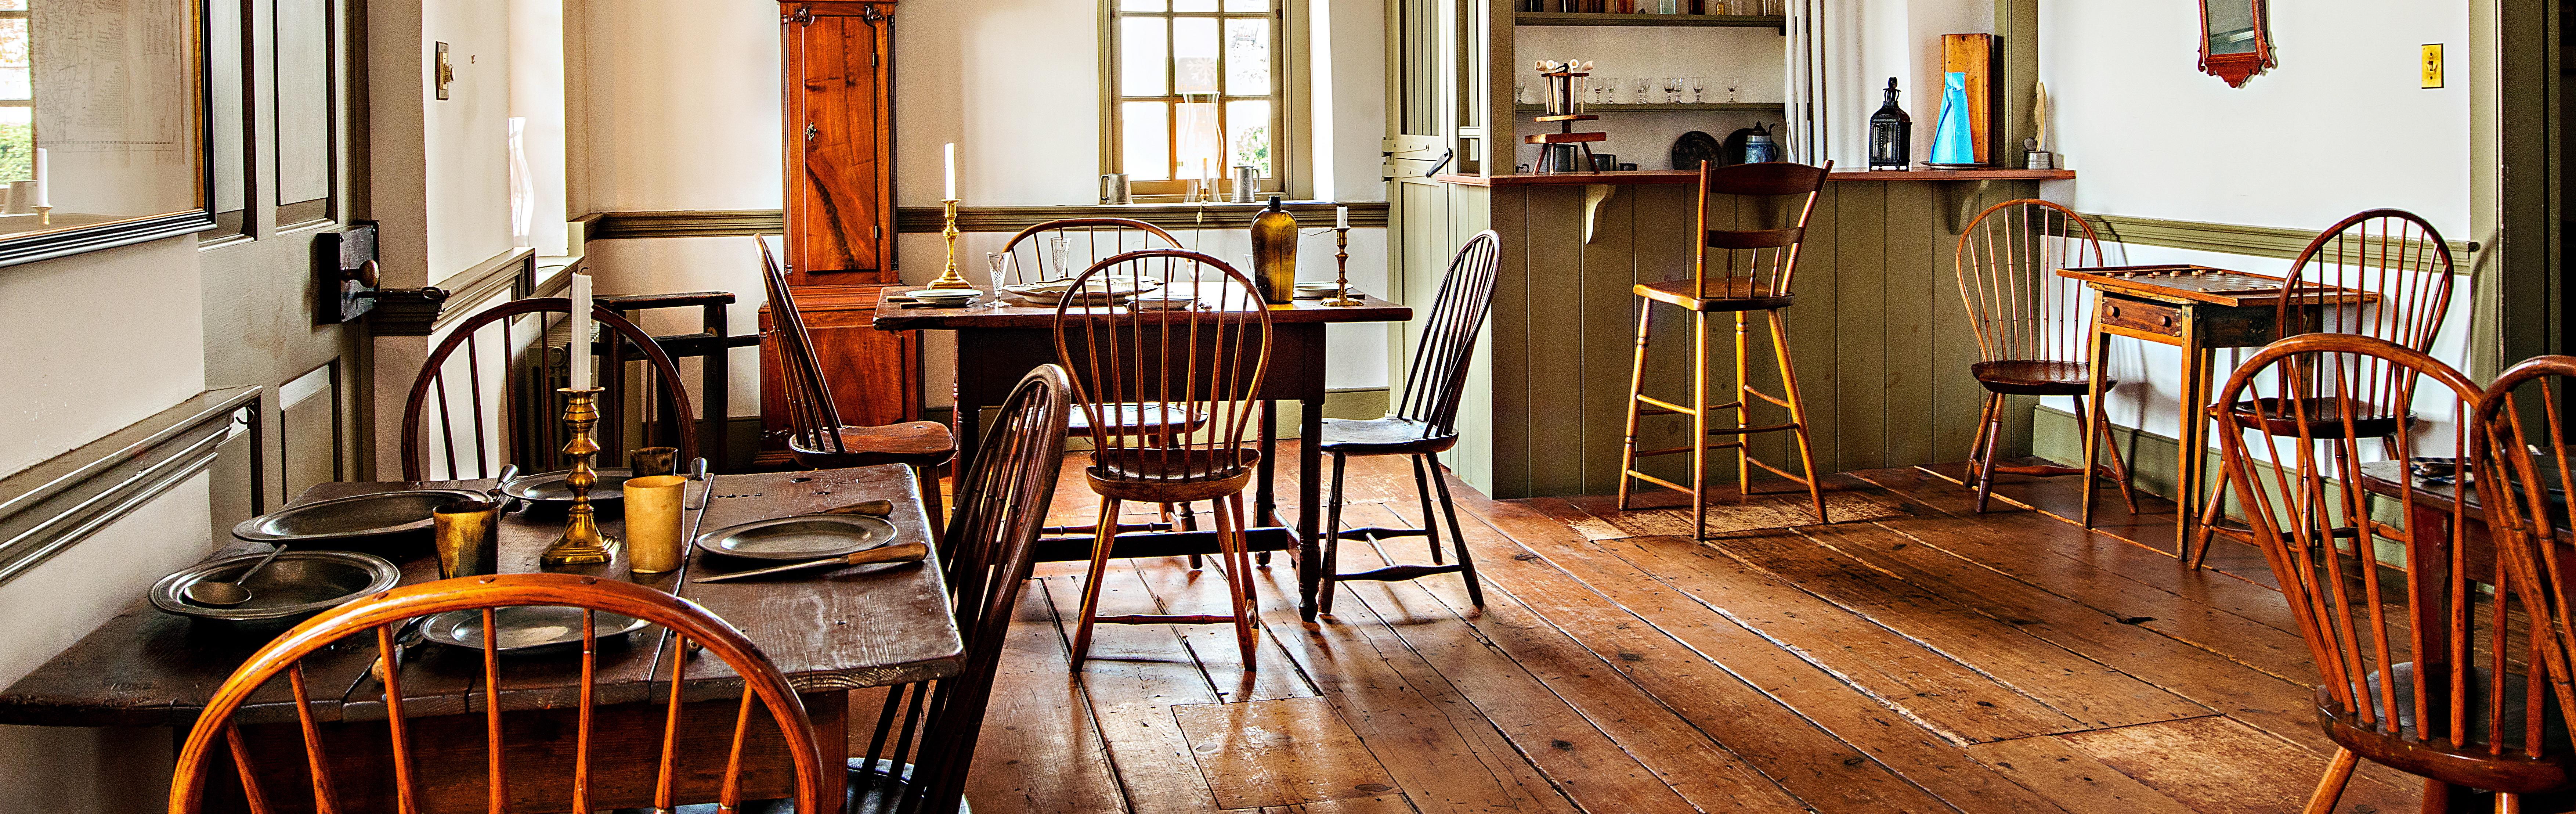 tavern-room